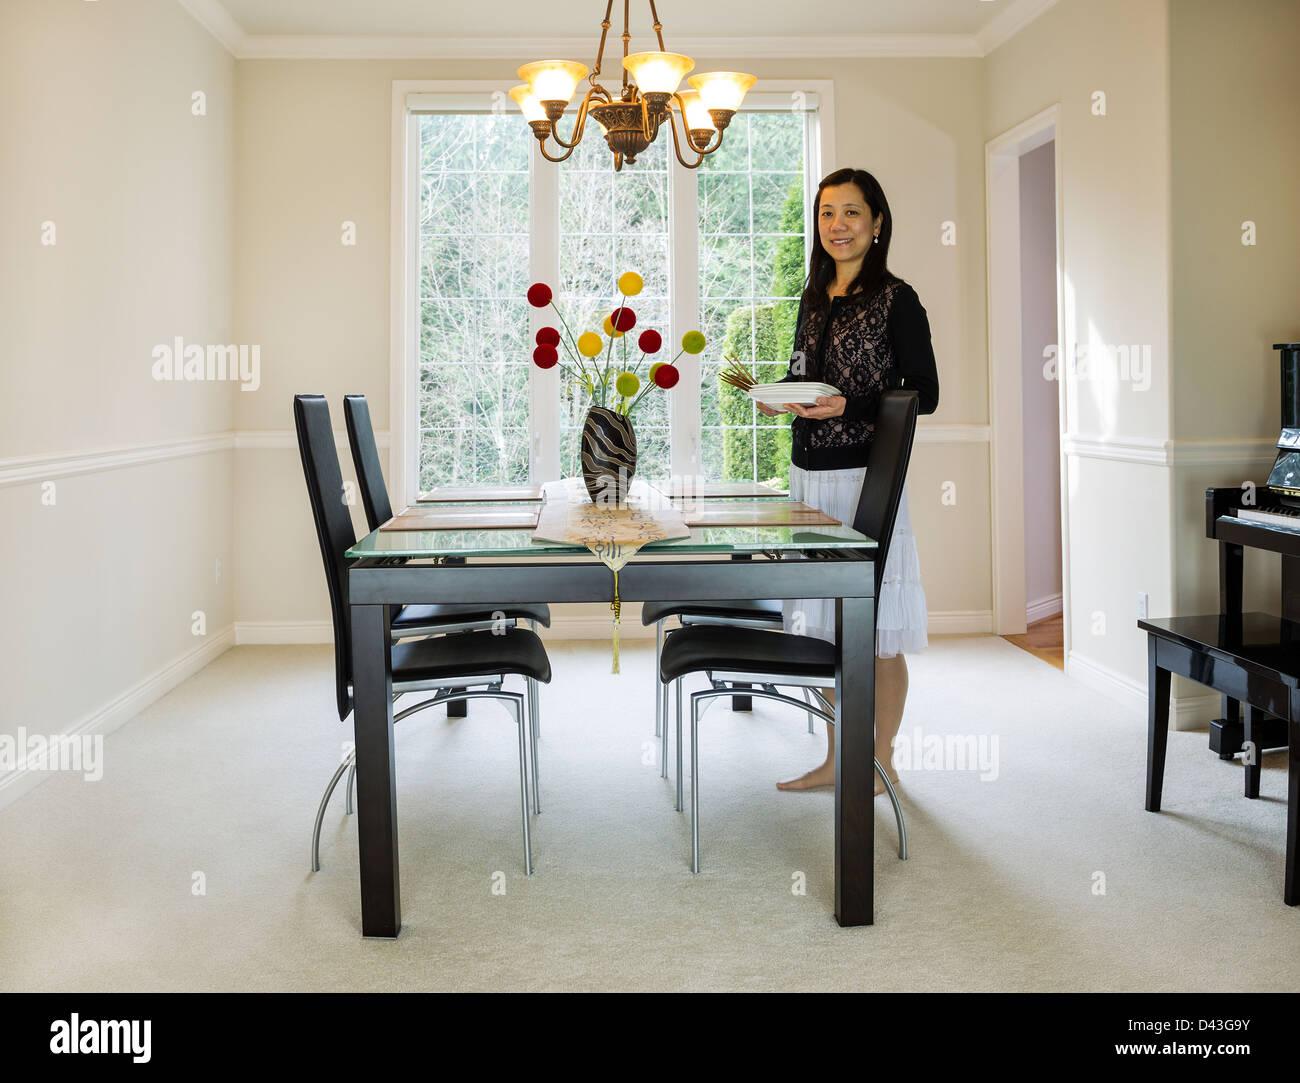 Mujer madura ajuste mesa de comedor Imagen De Stock